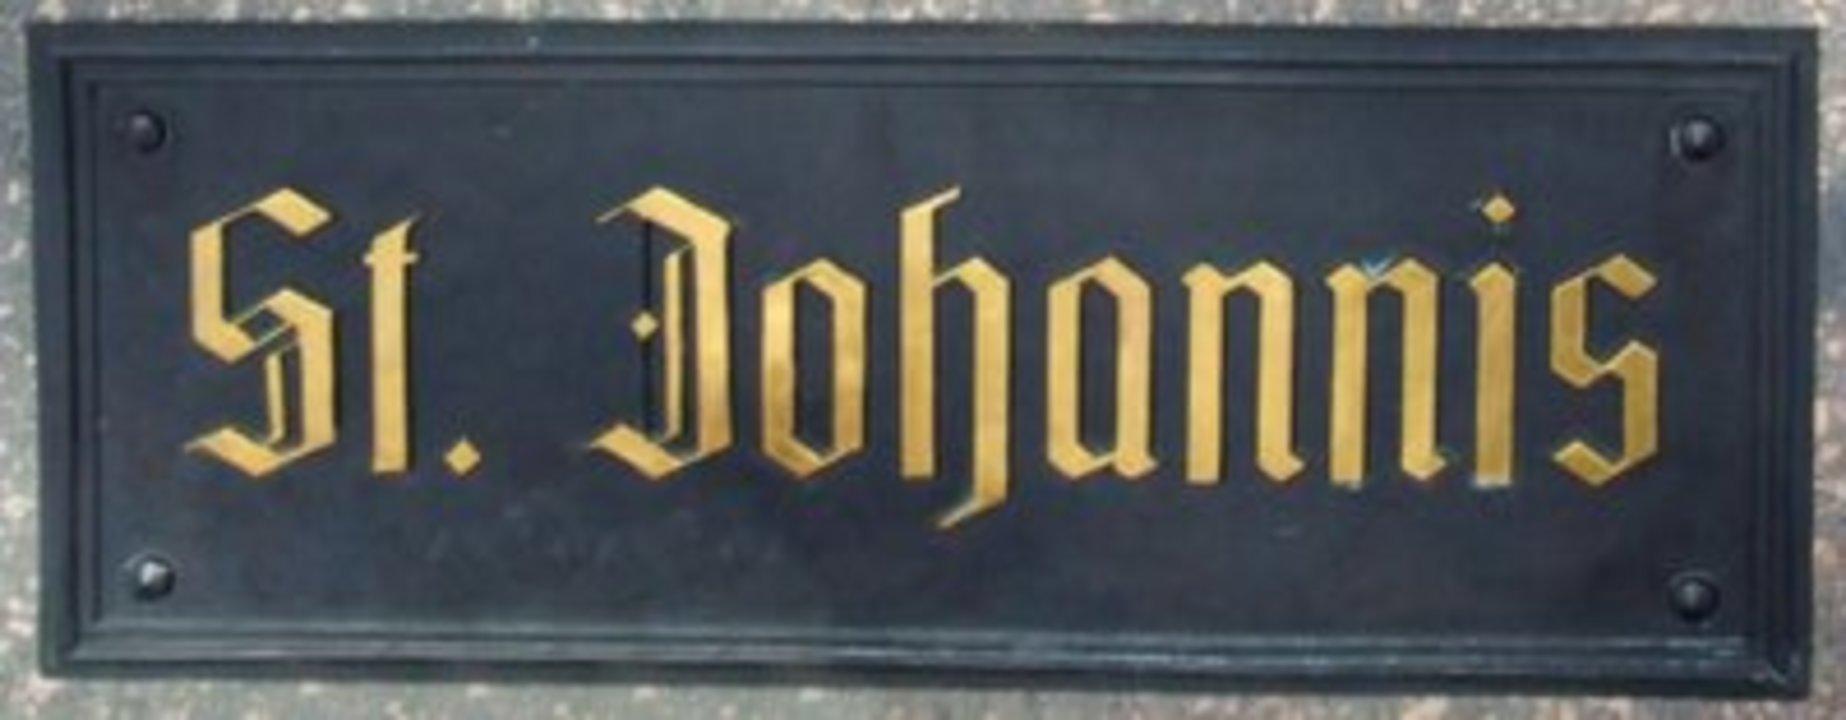 Sfantul Johannis